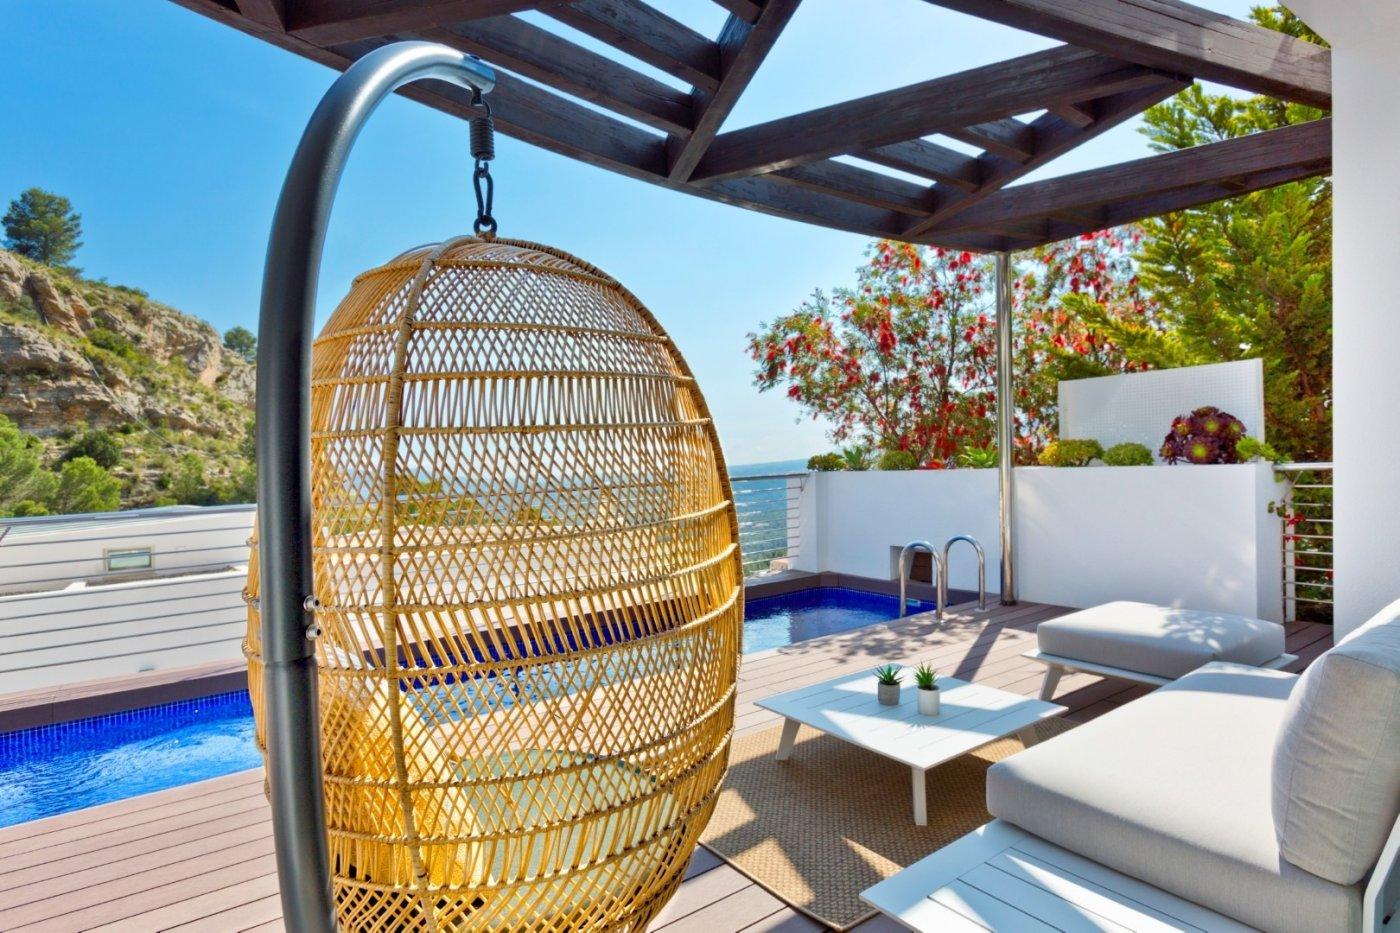 Villa de obra nueva en altea con vistas al mar!!! - imagenInmueble2